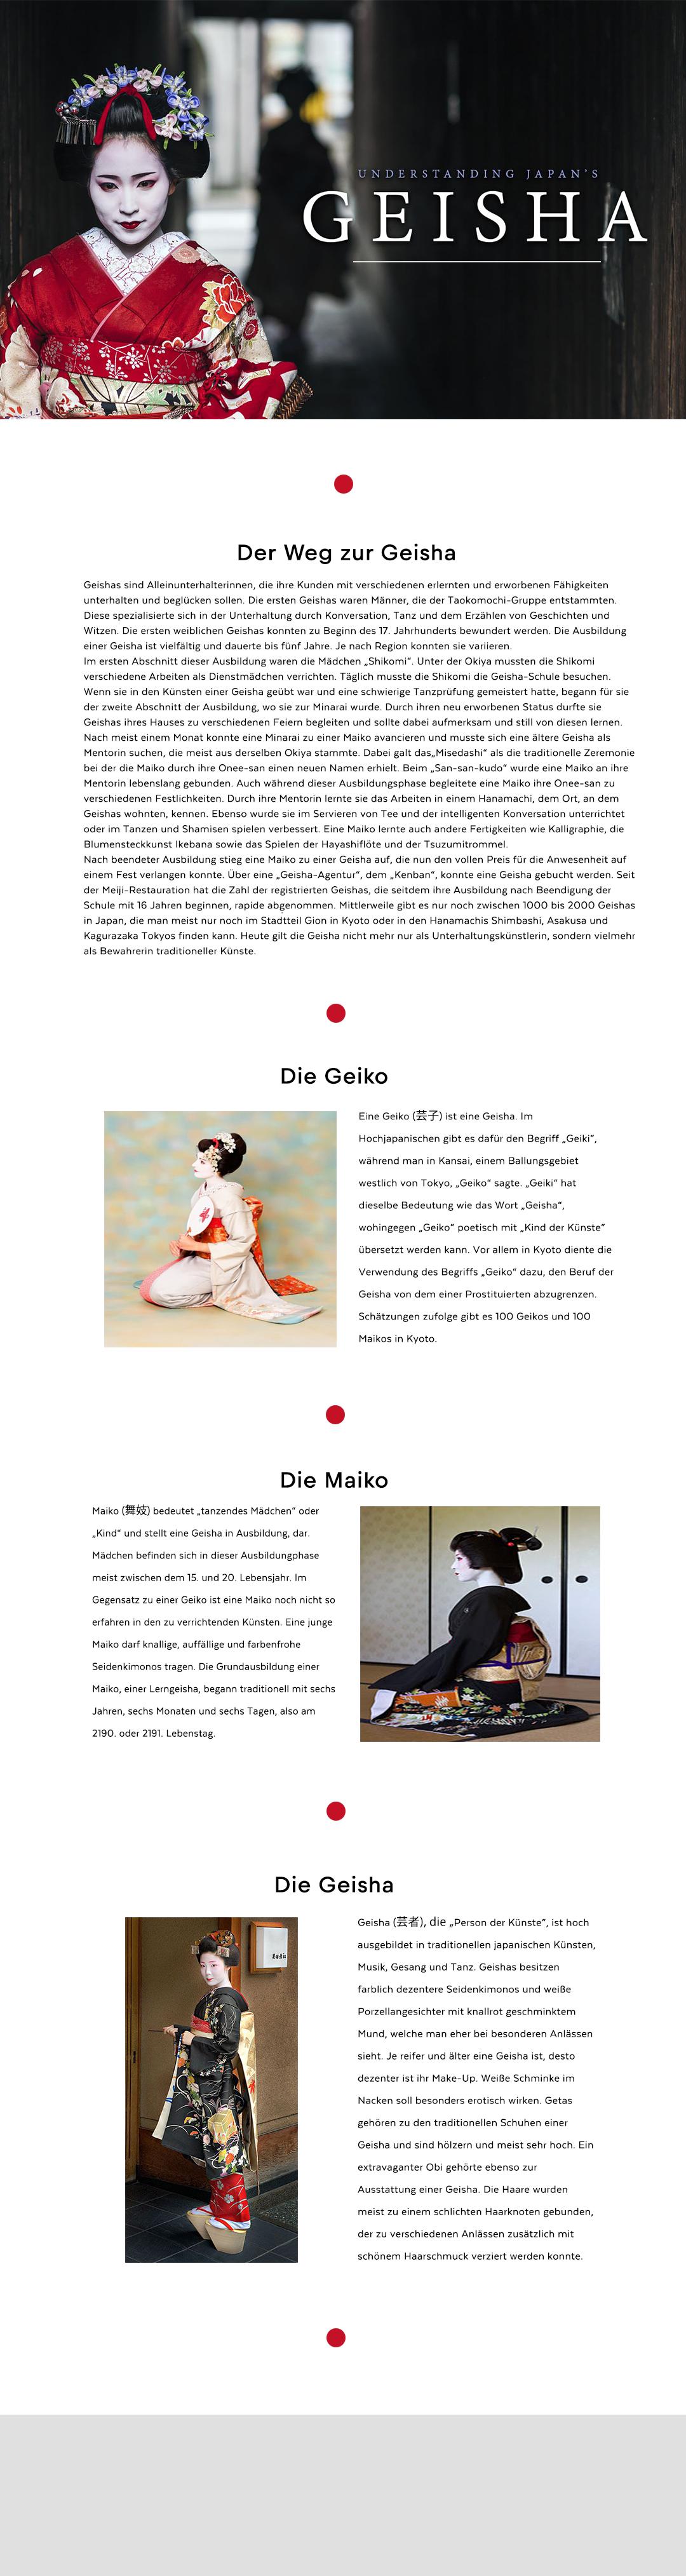 wireframe_Geisha_website.jpg